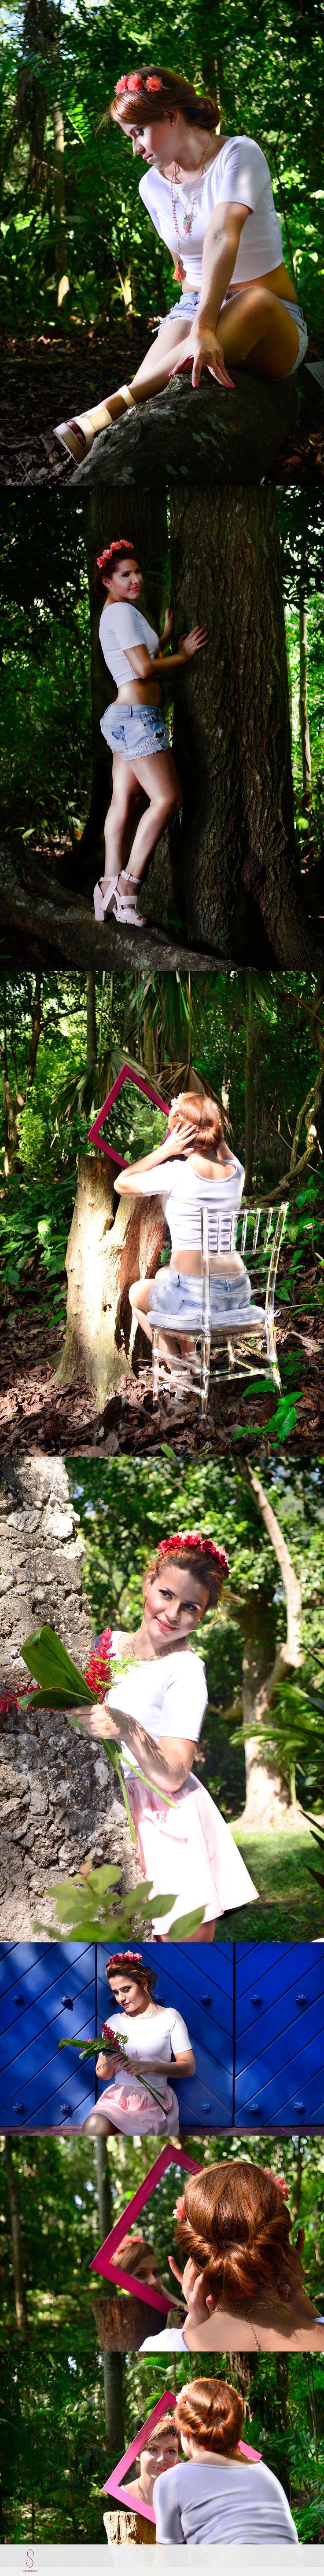 Mujer del Bosque on Behance. Todos los derechos reservados a GALEROME #galerome #fotografia #photographyc #diseñograico #graphycdesign #designer #artist